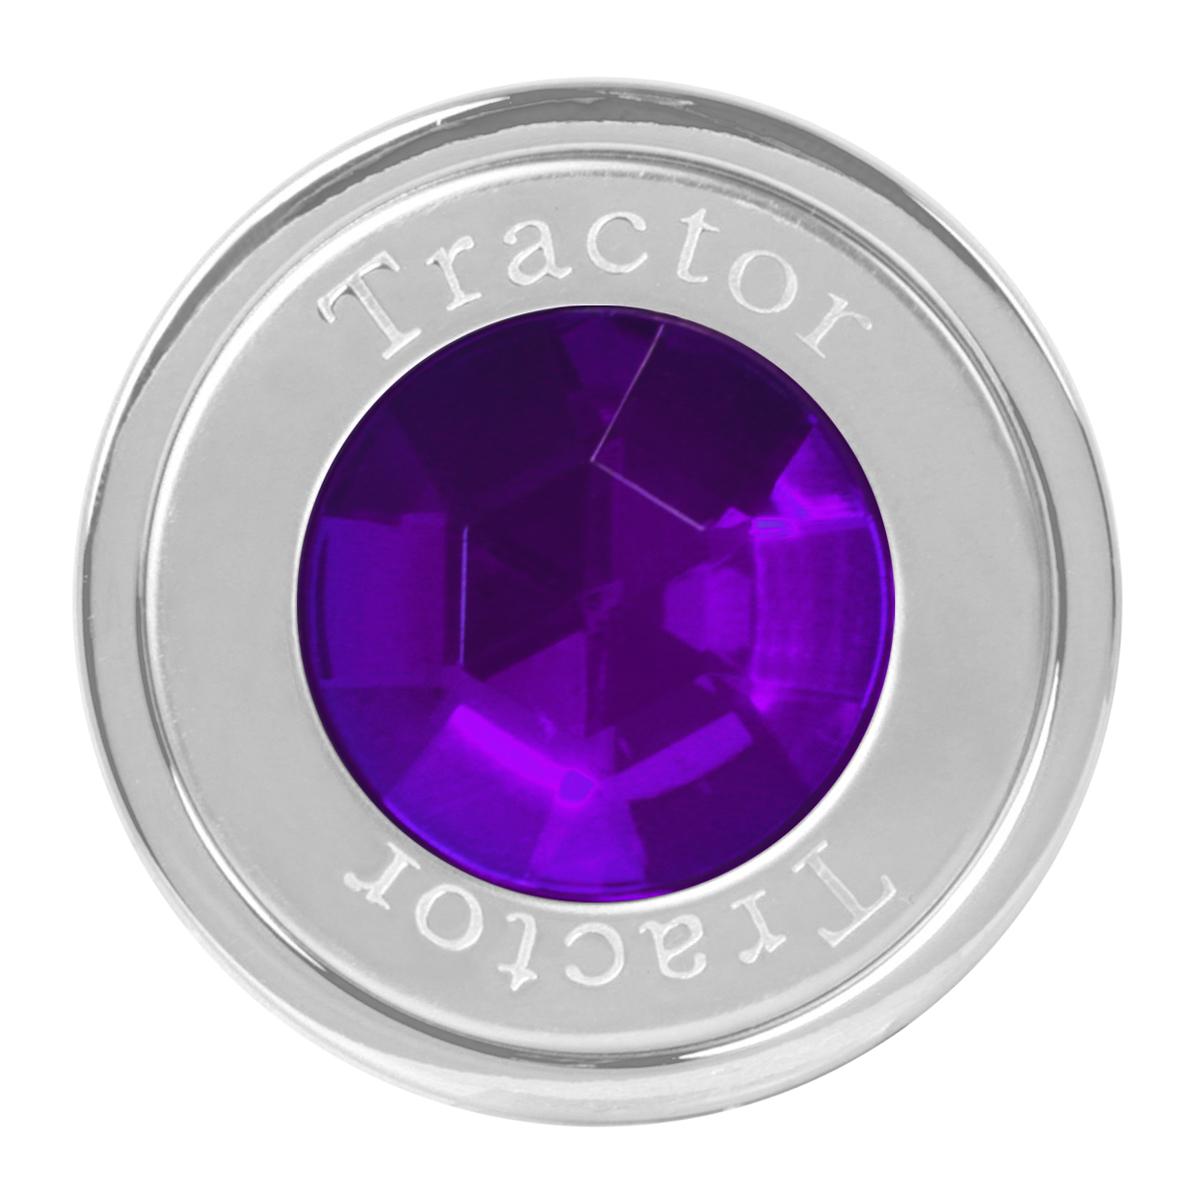 95834 Tractor Air Control Knob w/ Purple Crystal